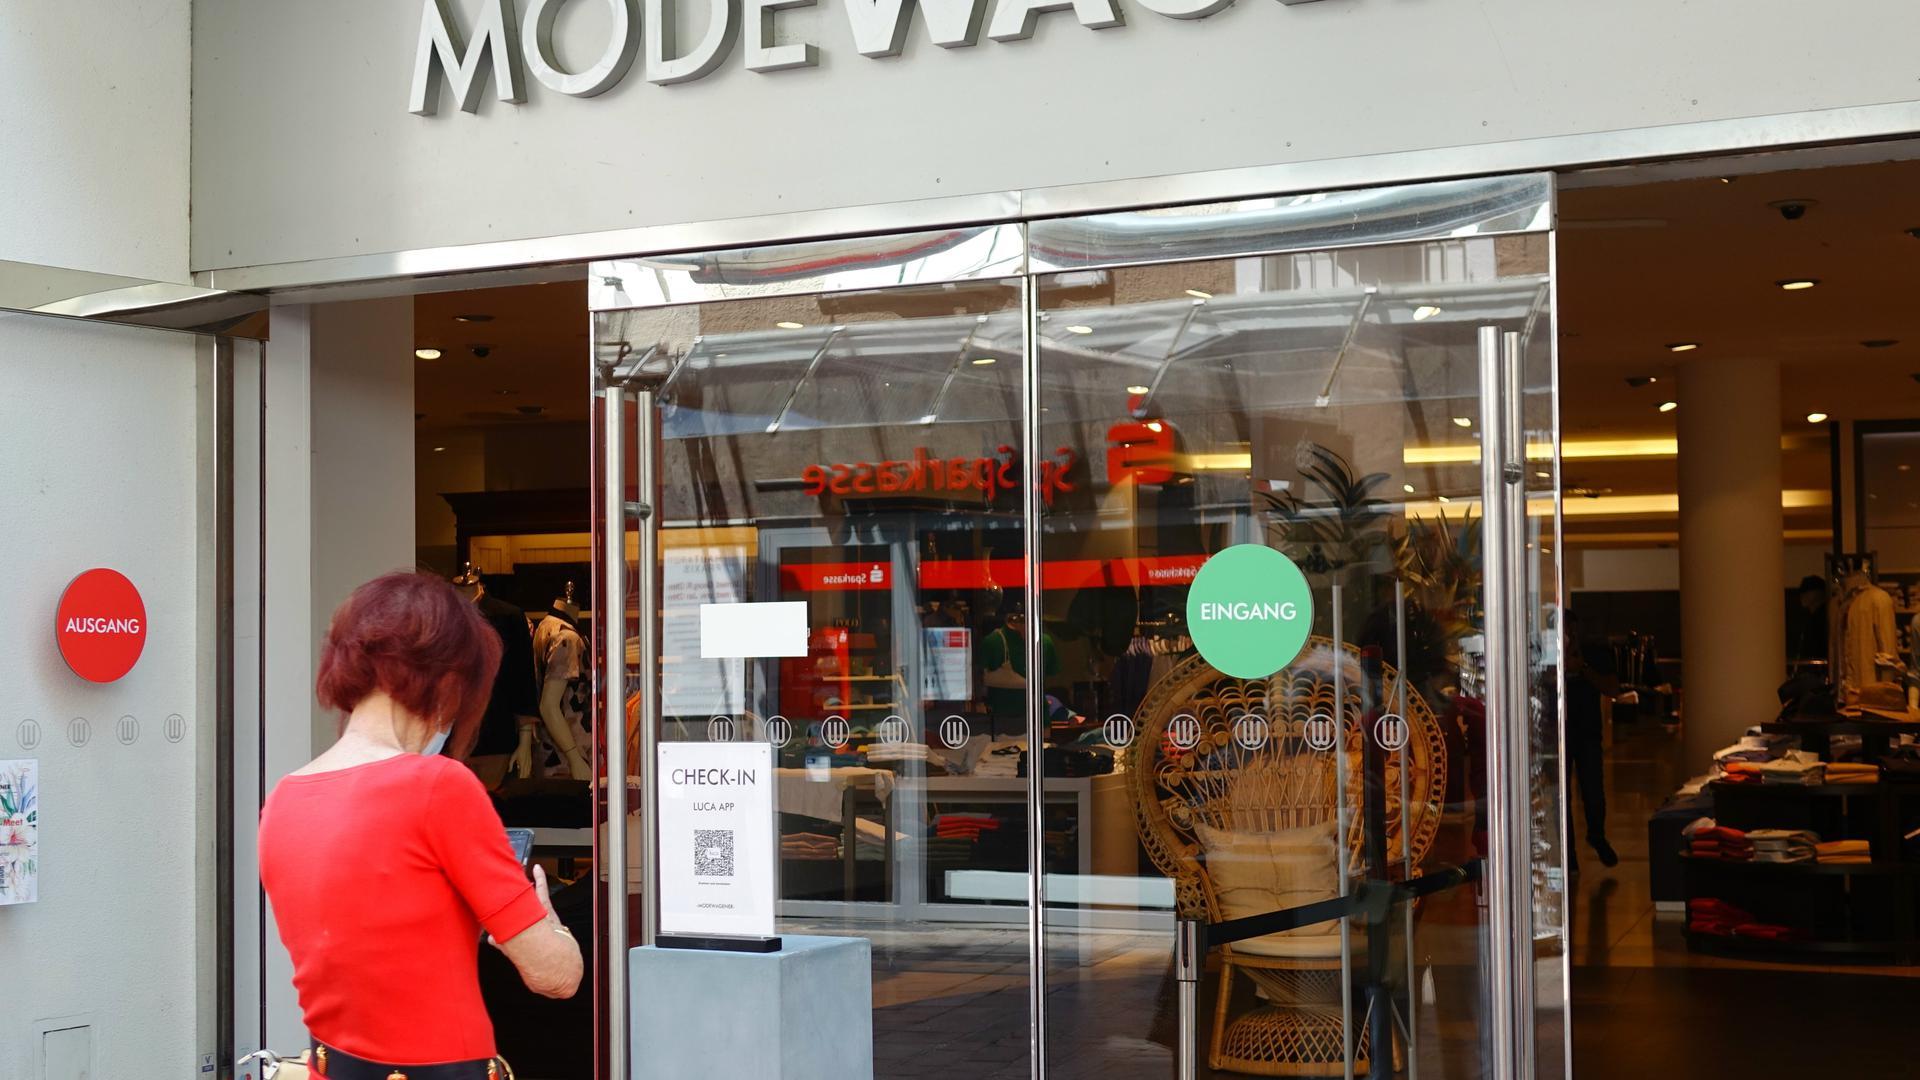 Frau vorm Modehaus scannt QR-Code